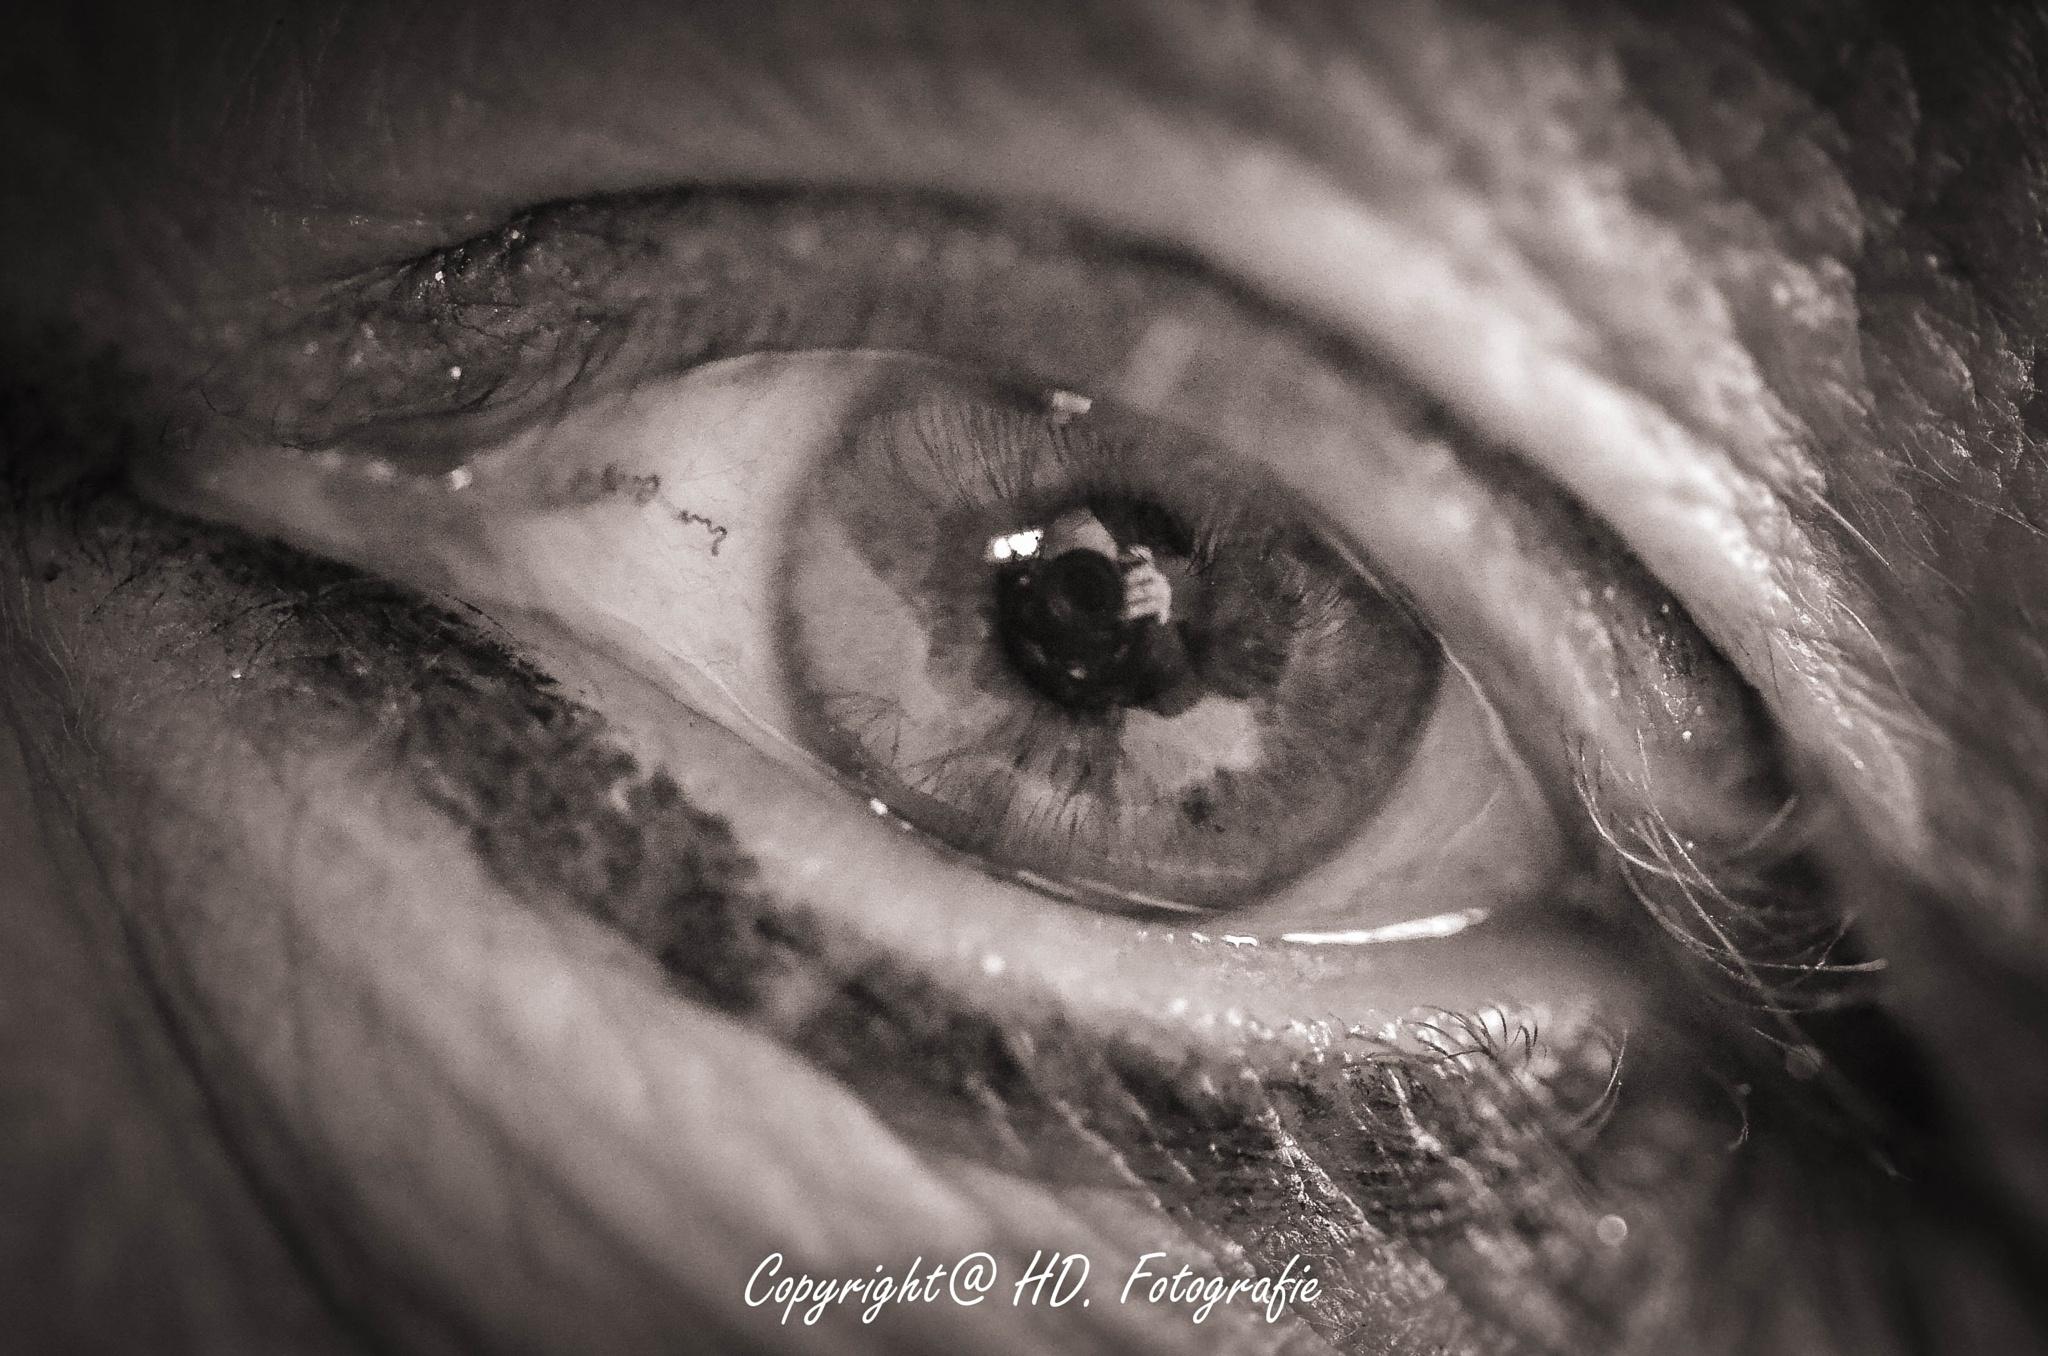 All-seeing eye by hennie.driessen.7